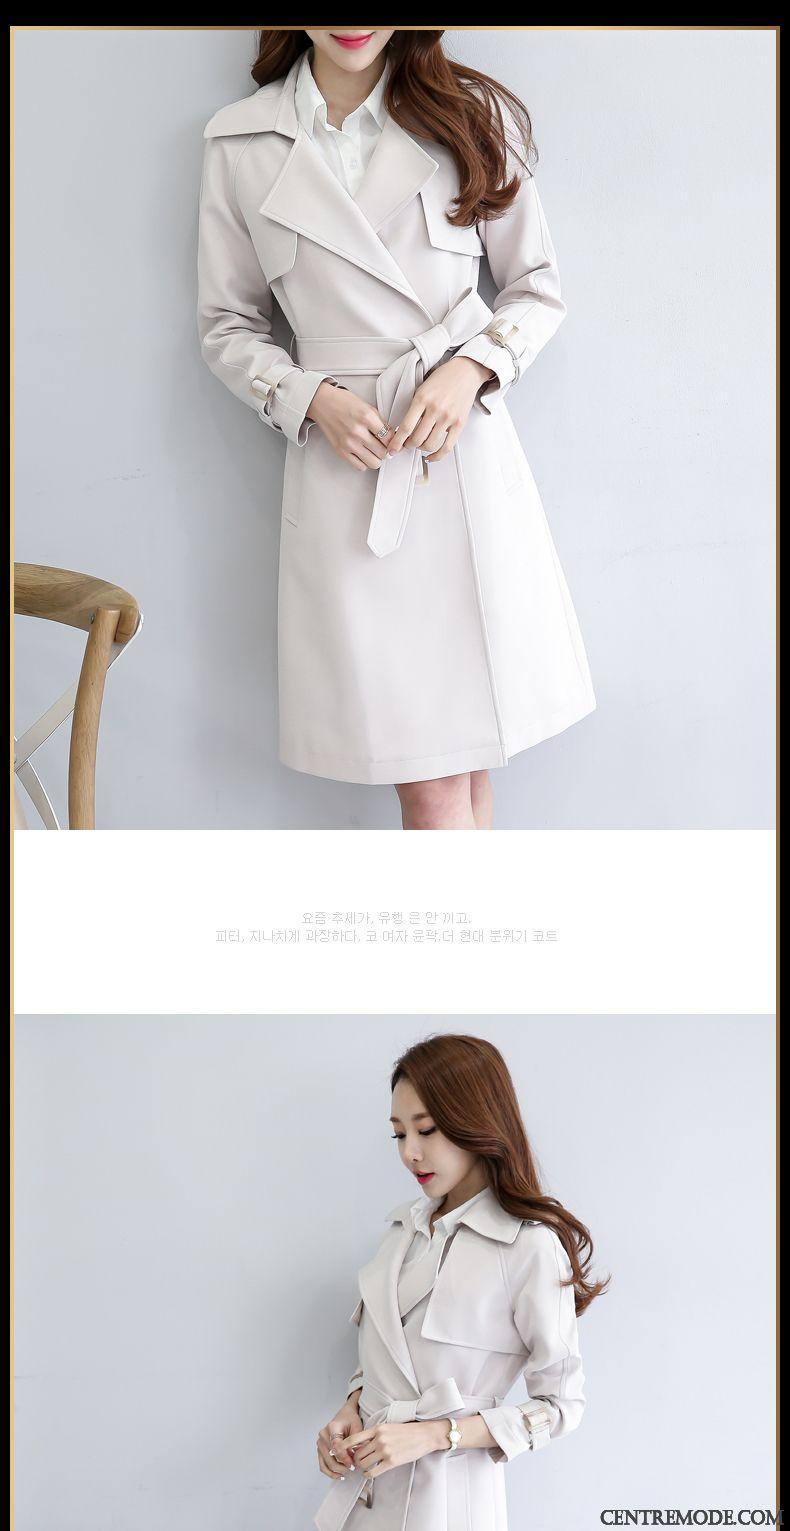 manteau pour femme tomate rose manteau femme chaud. Black Bedroom Furniture Sets. Home Design Ideas